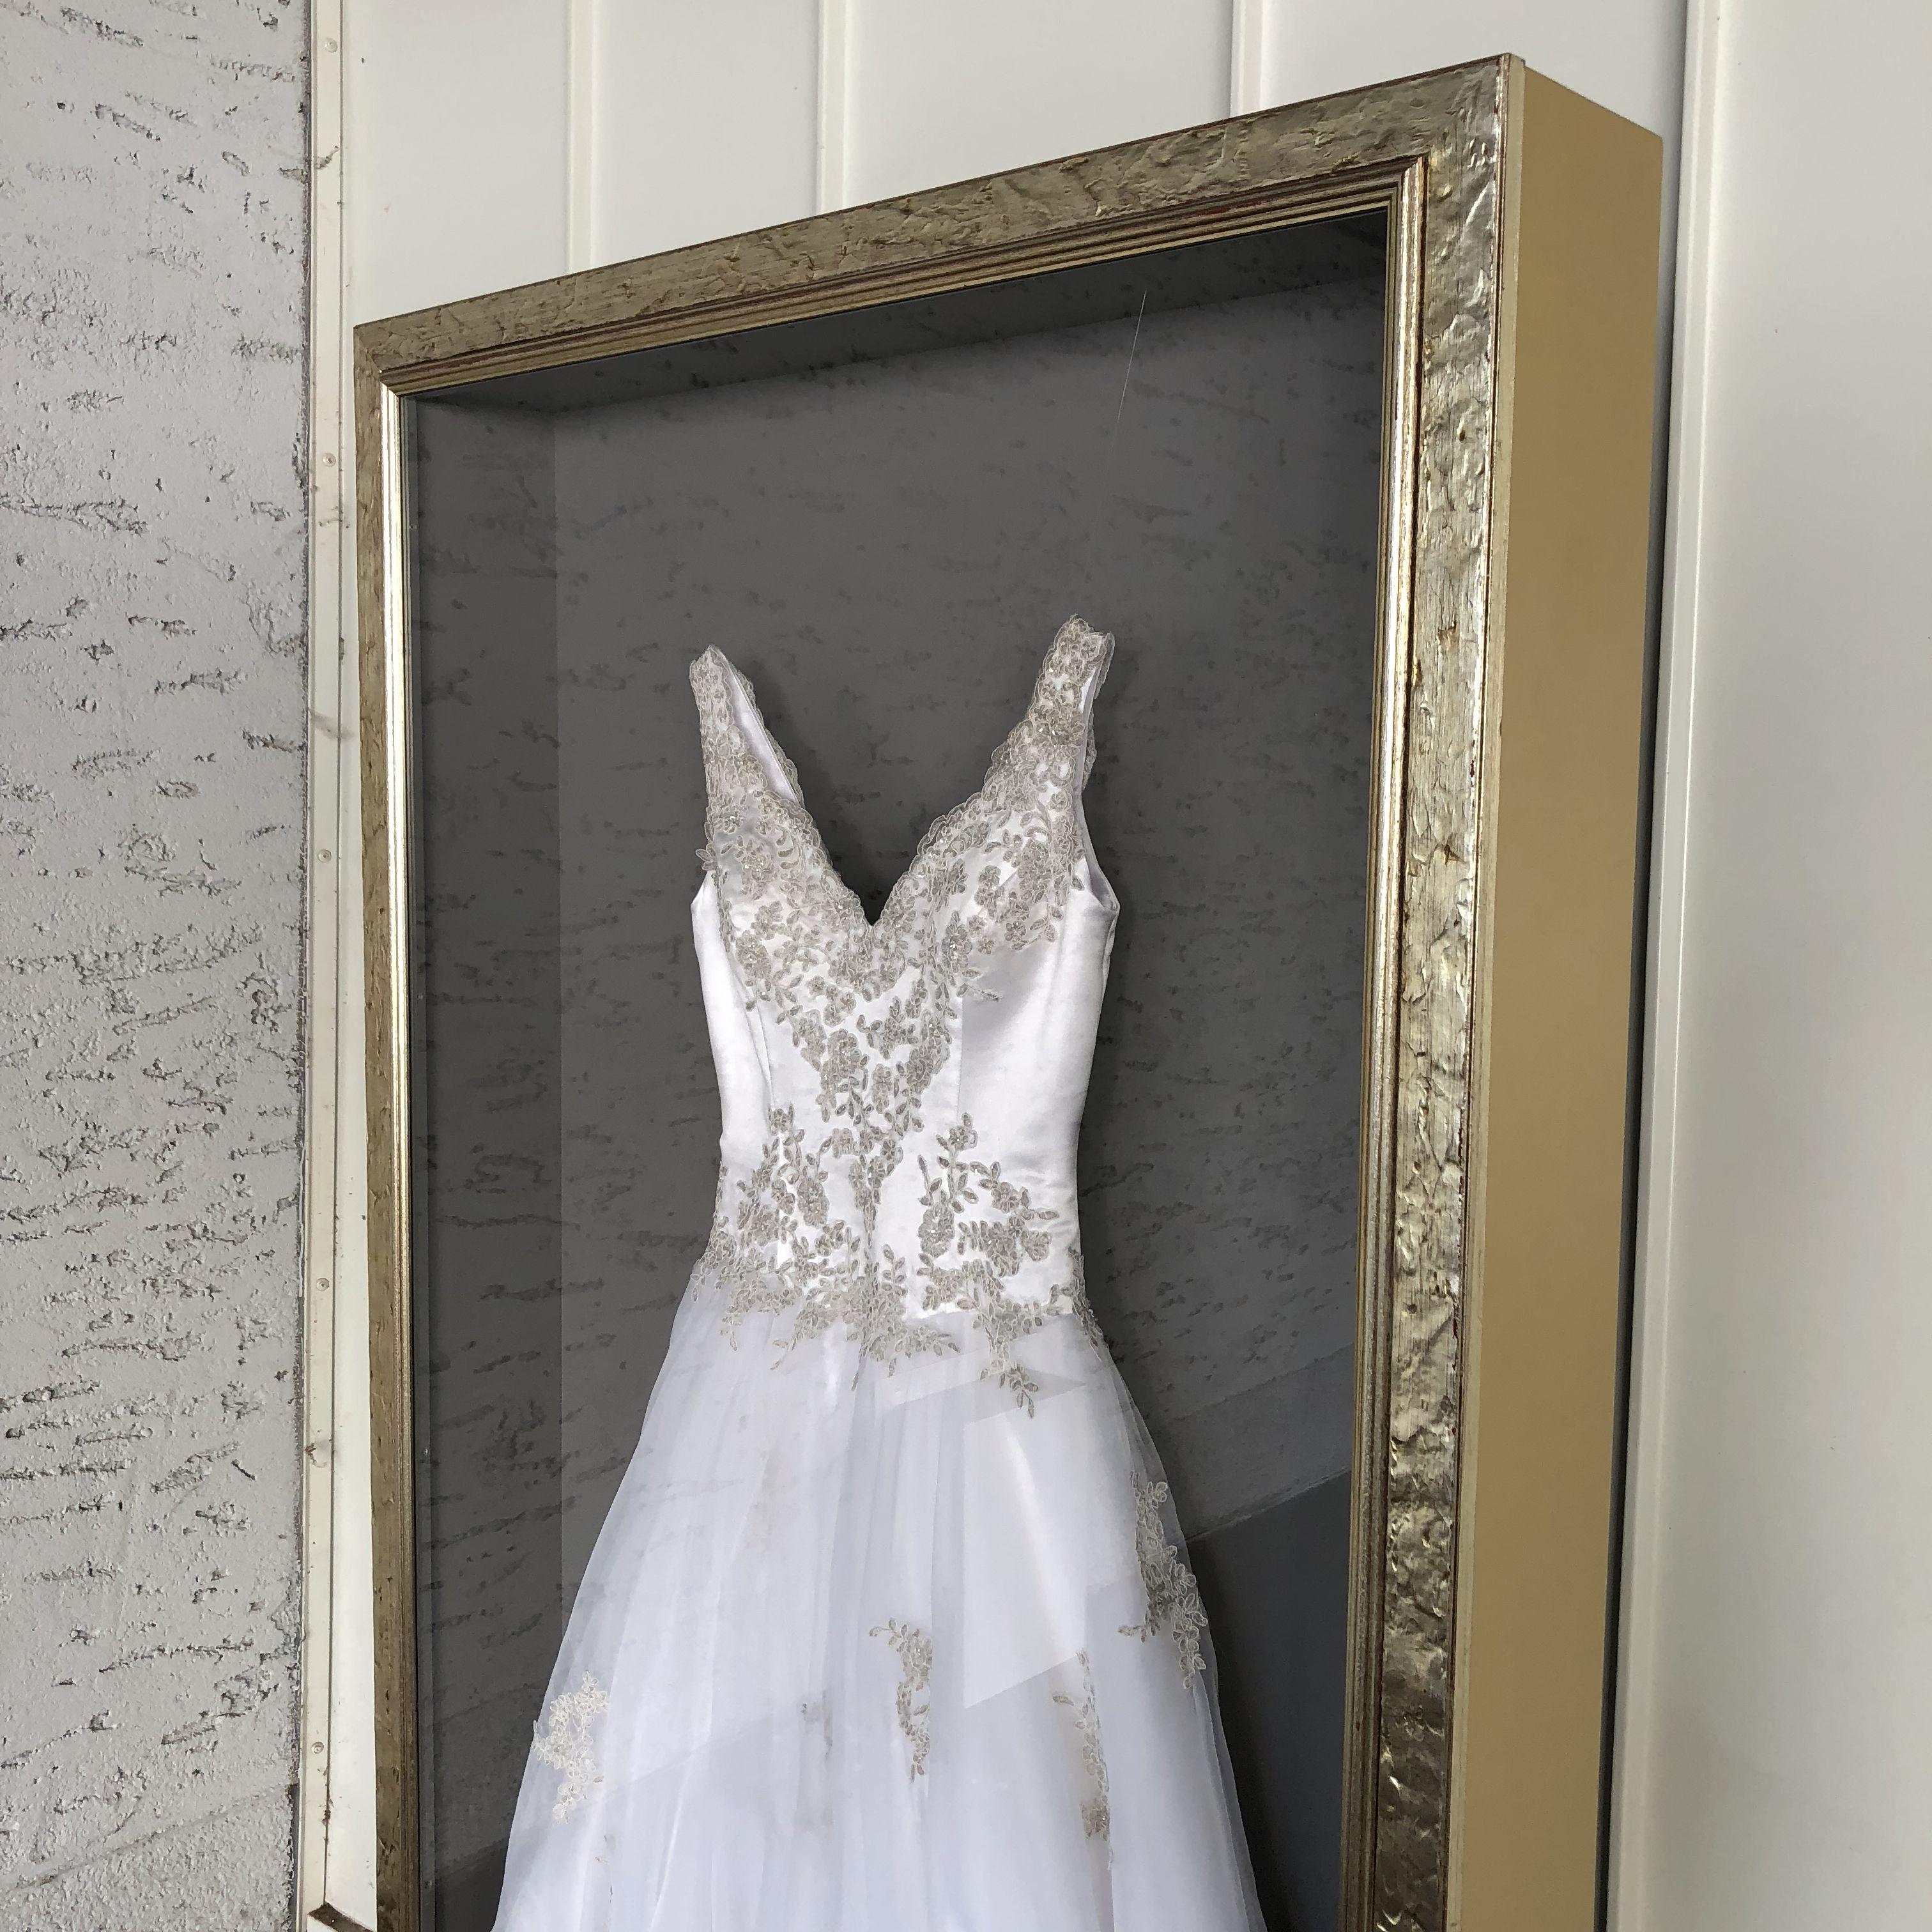 Dress in a Box - Brautkleidrahmung  Hochzeitskleid, Brautkleid